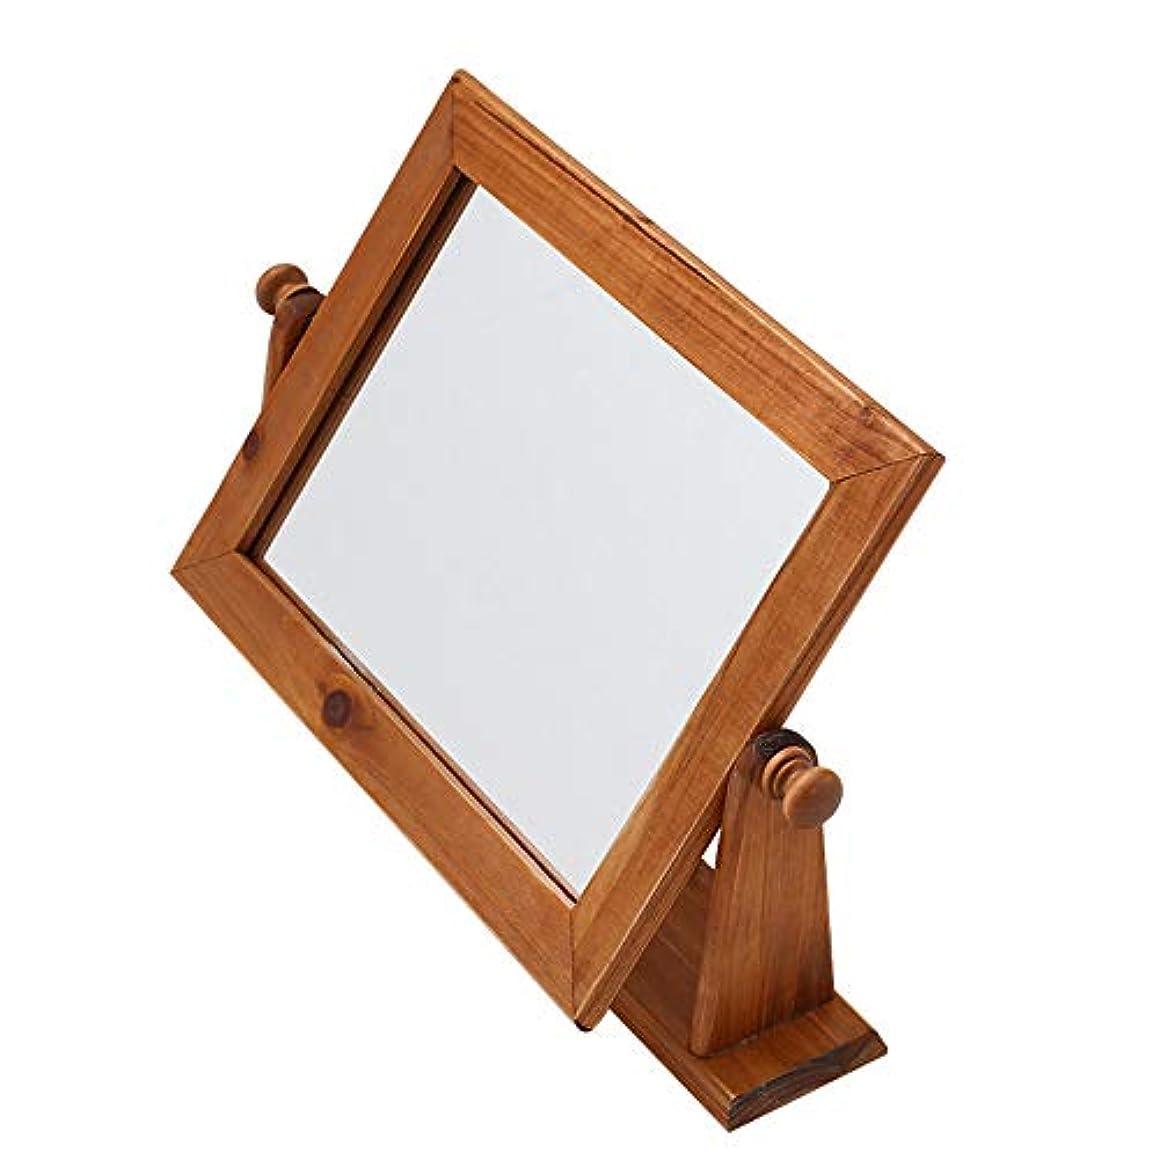 送金おじさん学んだ純木化粧鏡、デスクトッププリンセスミラーヨーロッパ現代のカウンタートップミラー浴室シングルミラー小さなミラー